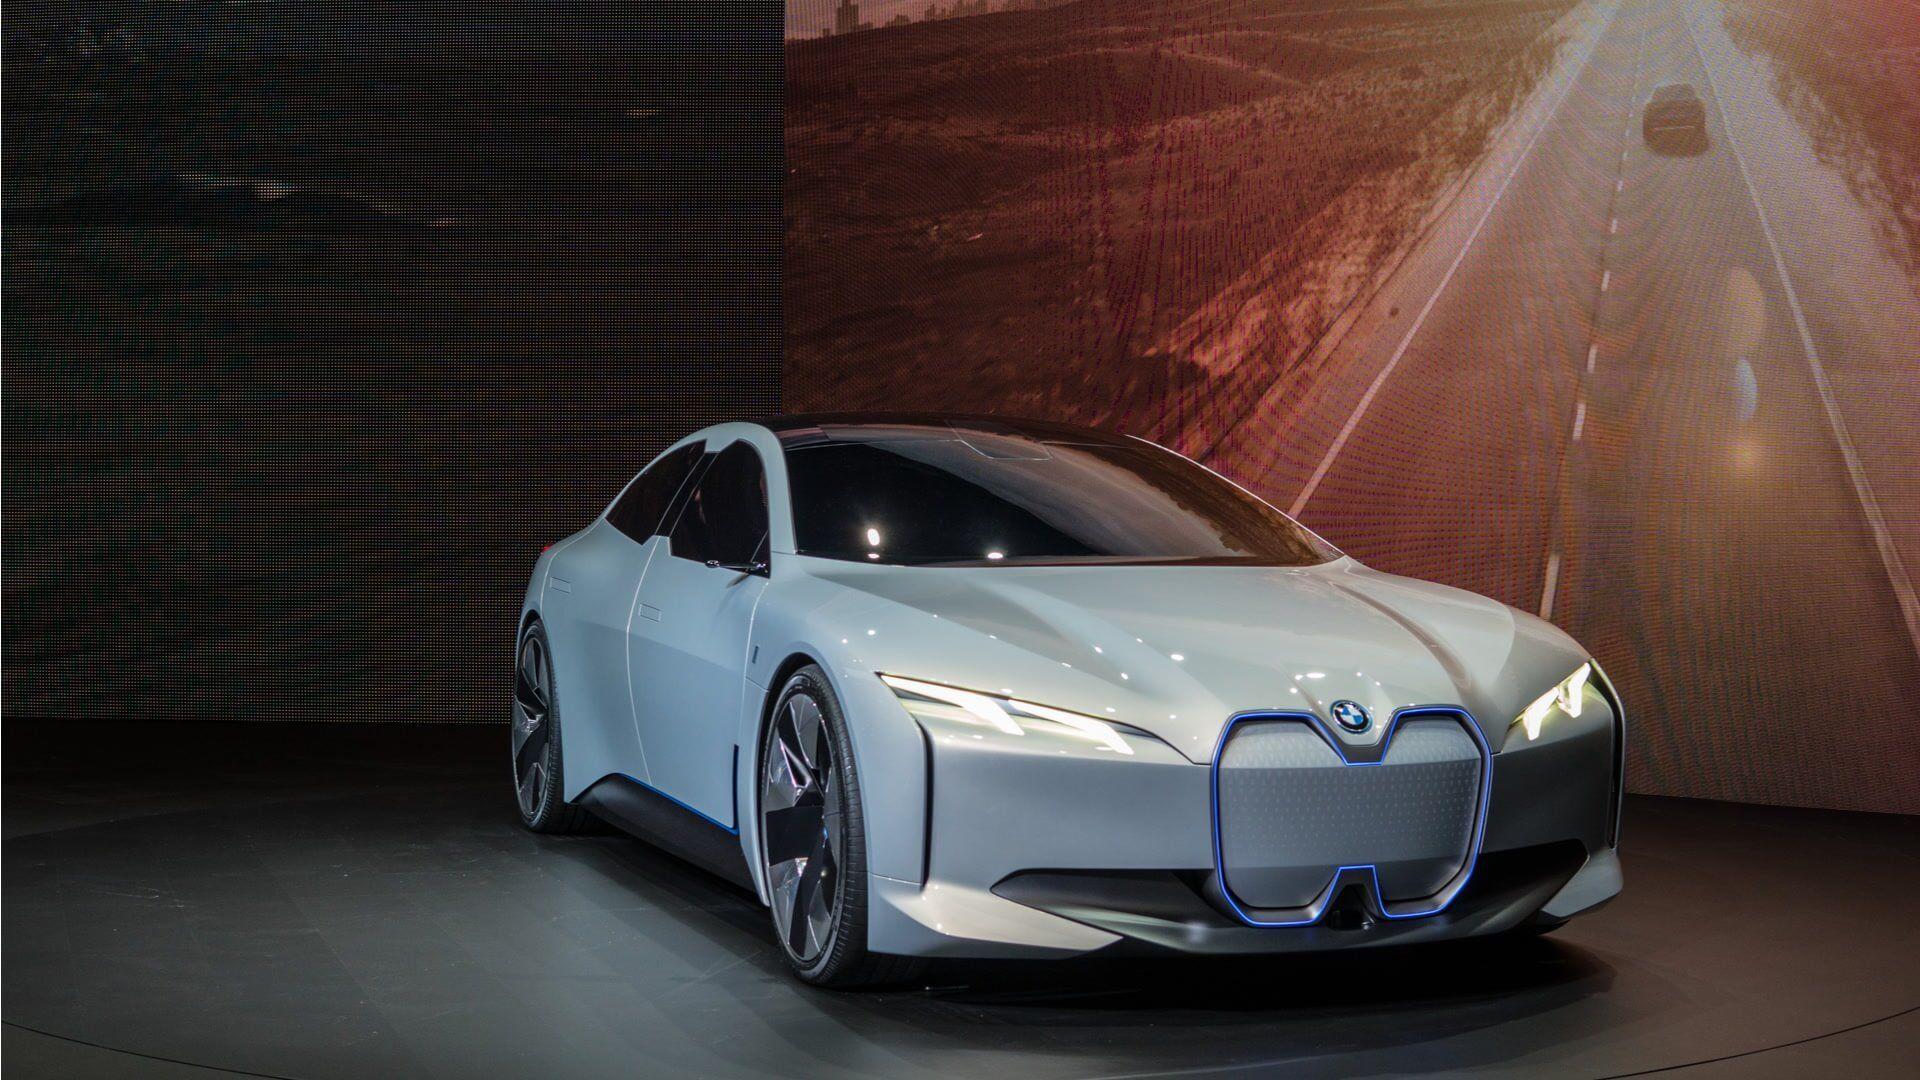 New Bmw Electric Car 2019 Style Bmw Electric Car New Bmw